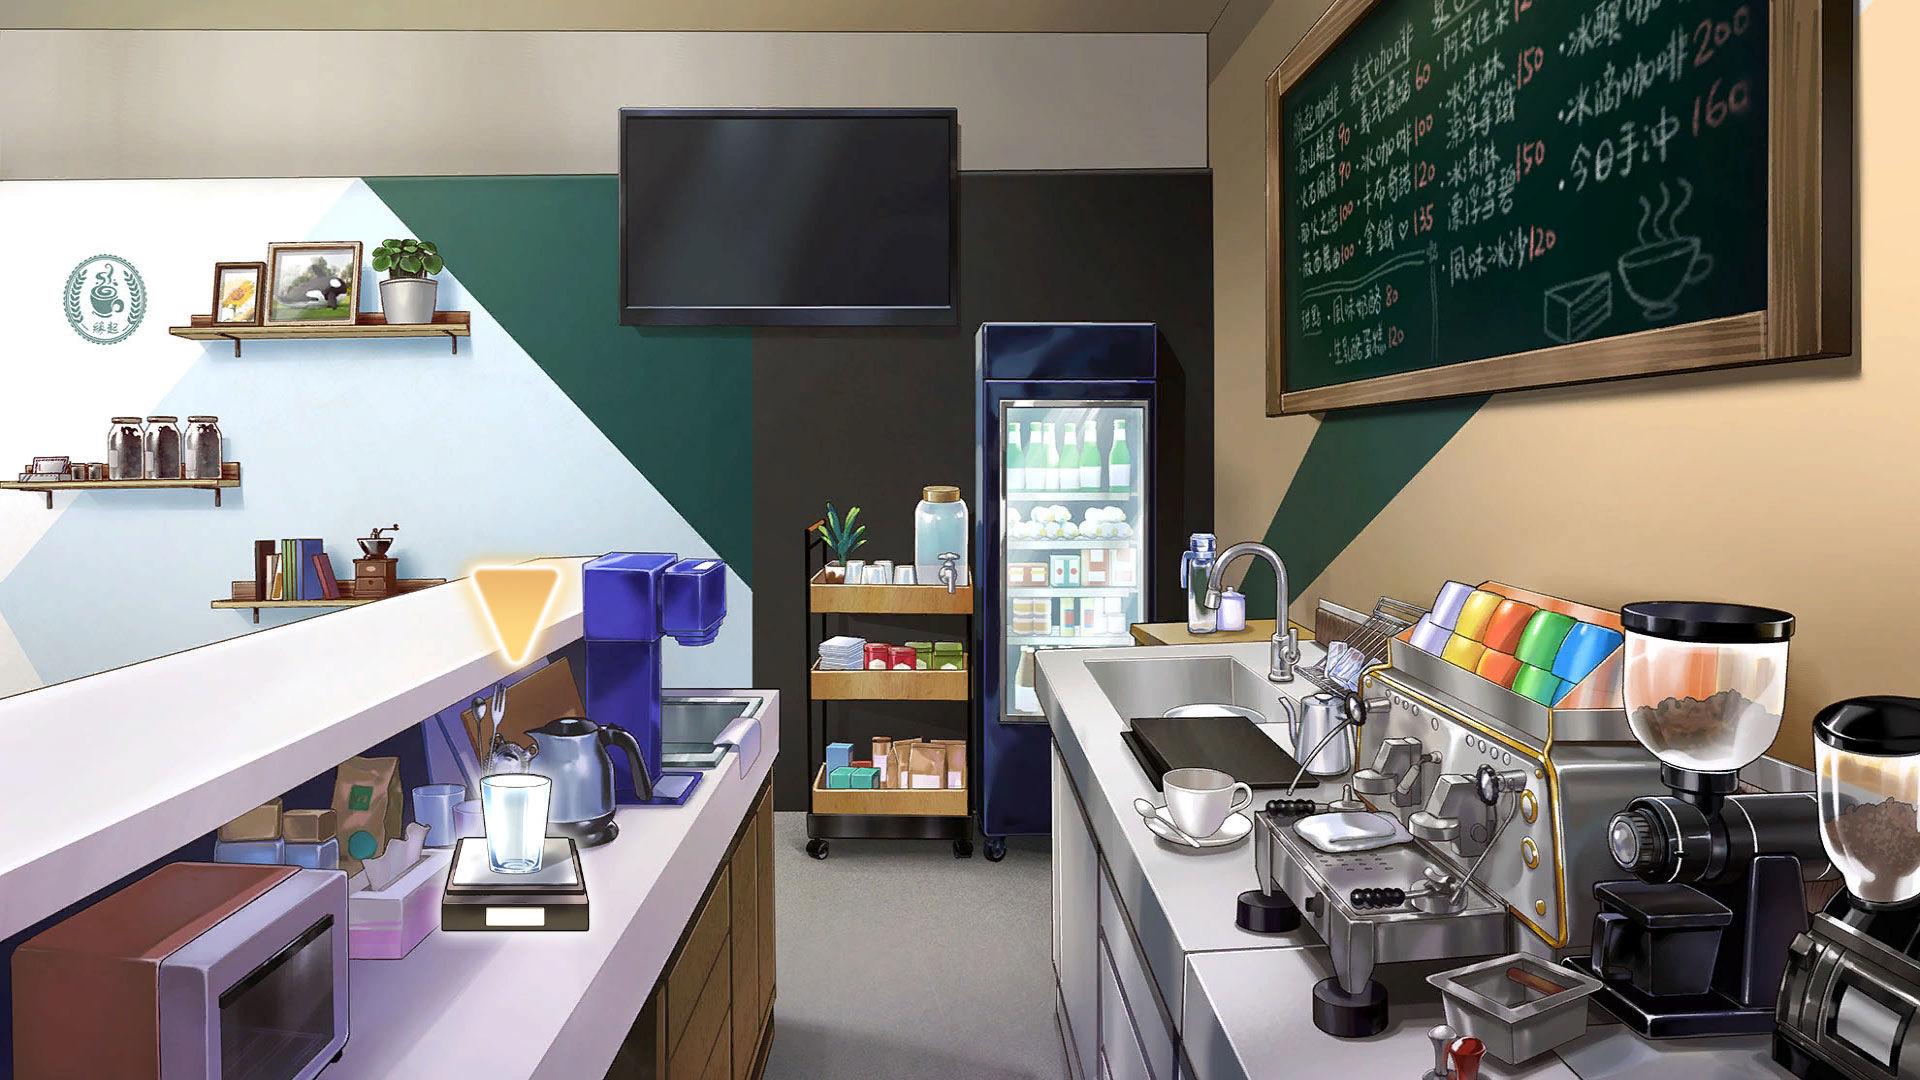 晴天咖啡馆截图5